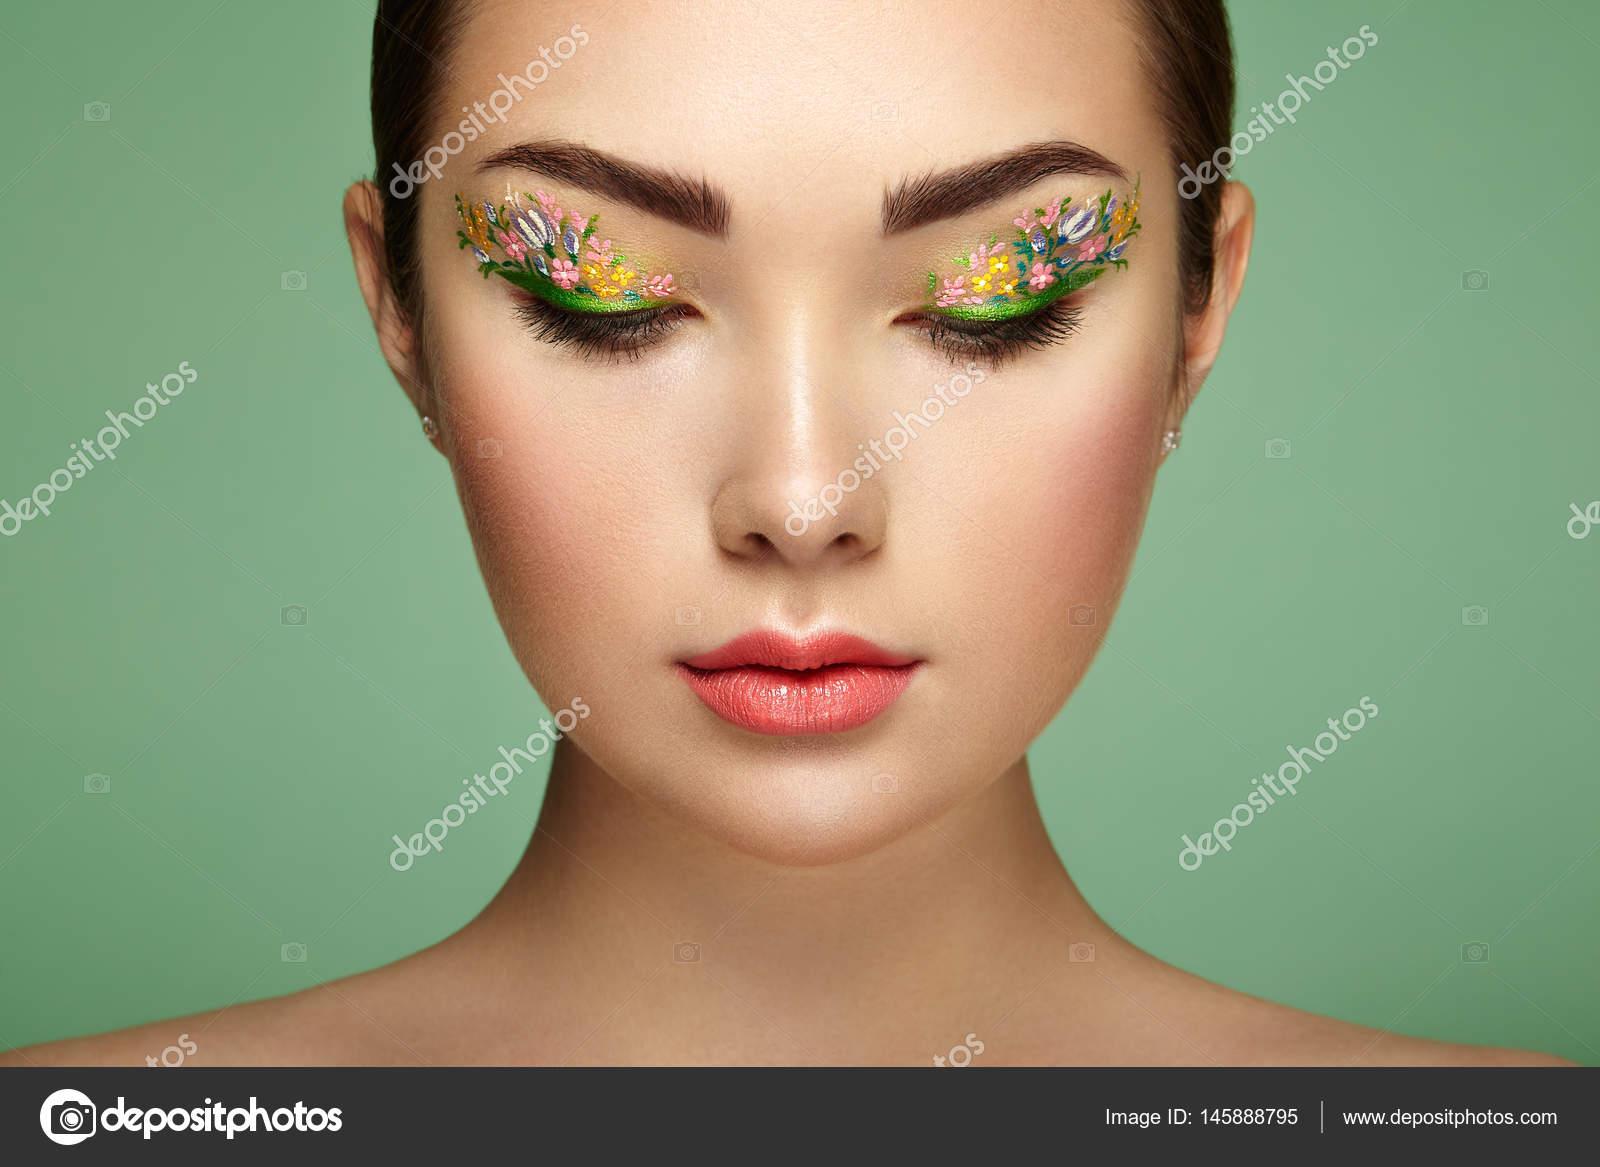 Belle Jeune Femme Avec Des Yeux Maquillage Fleur Photographie